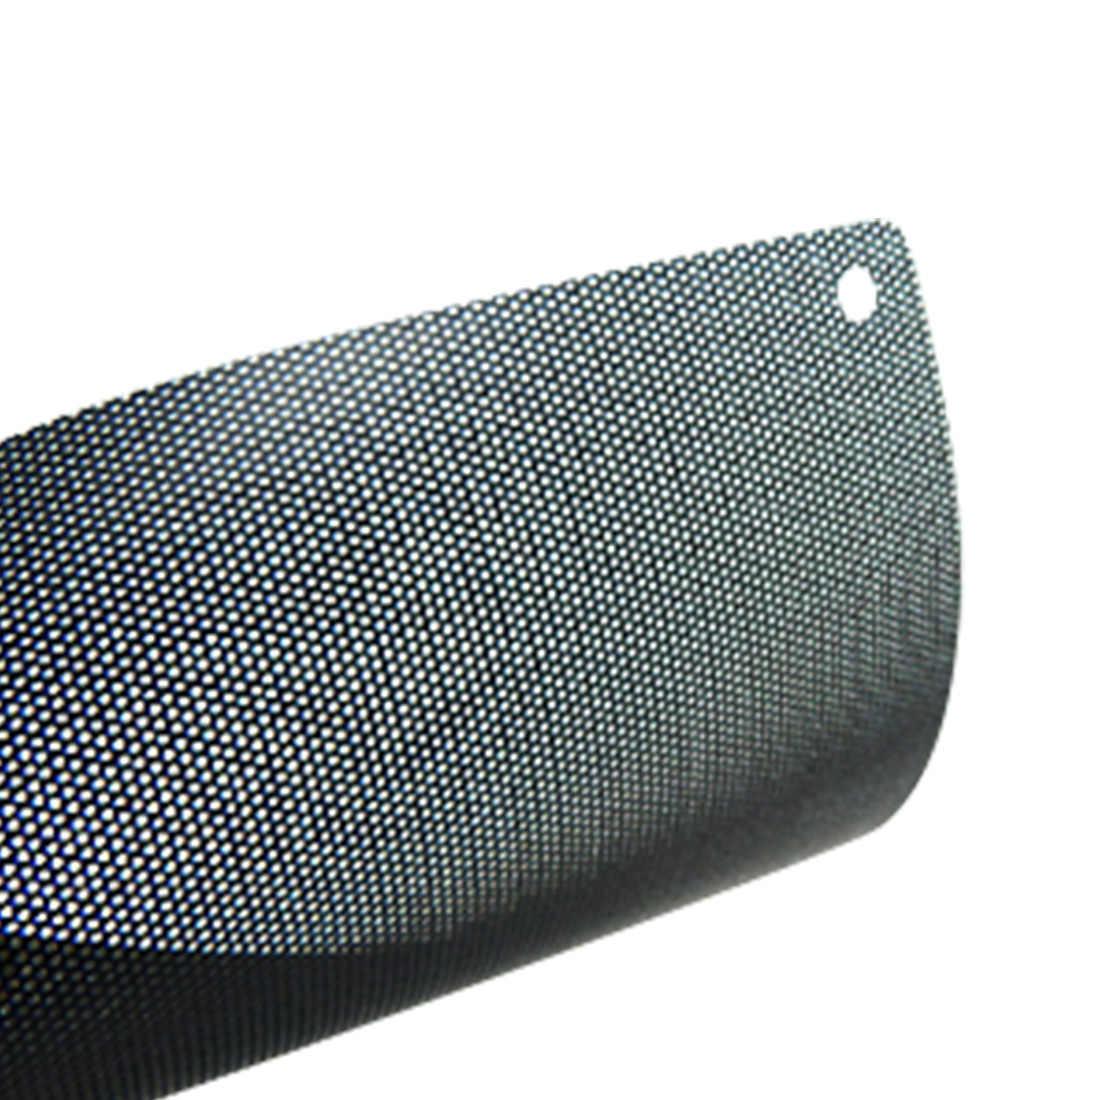 NOYOKERE пылезащитный кулер 120x120 мм компьютерный ПК Вентилятор чехол Пылезащитный фильтр cutable сетка подходит для стандартных вентиляторов 120 мм